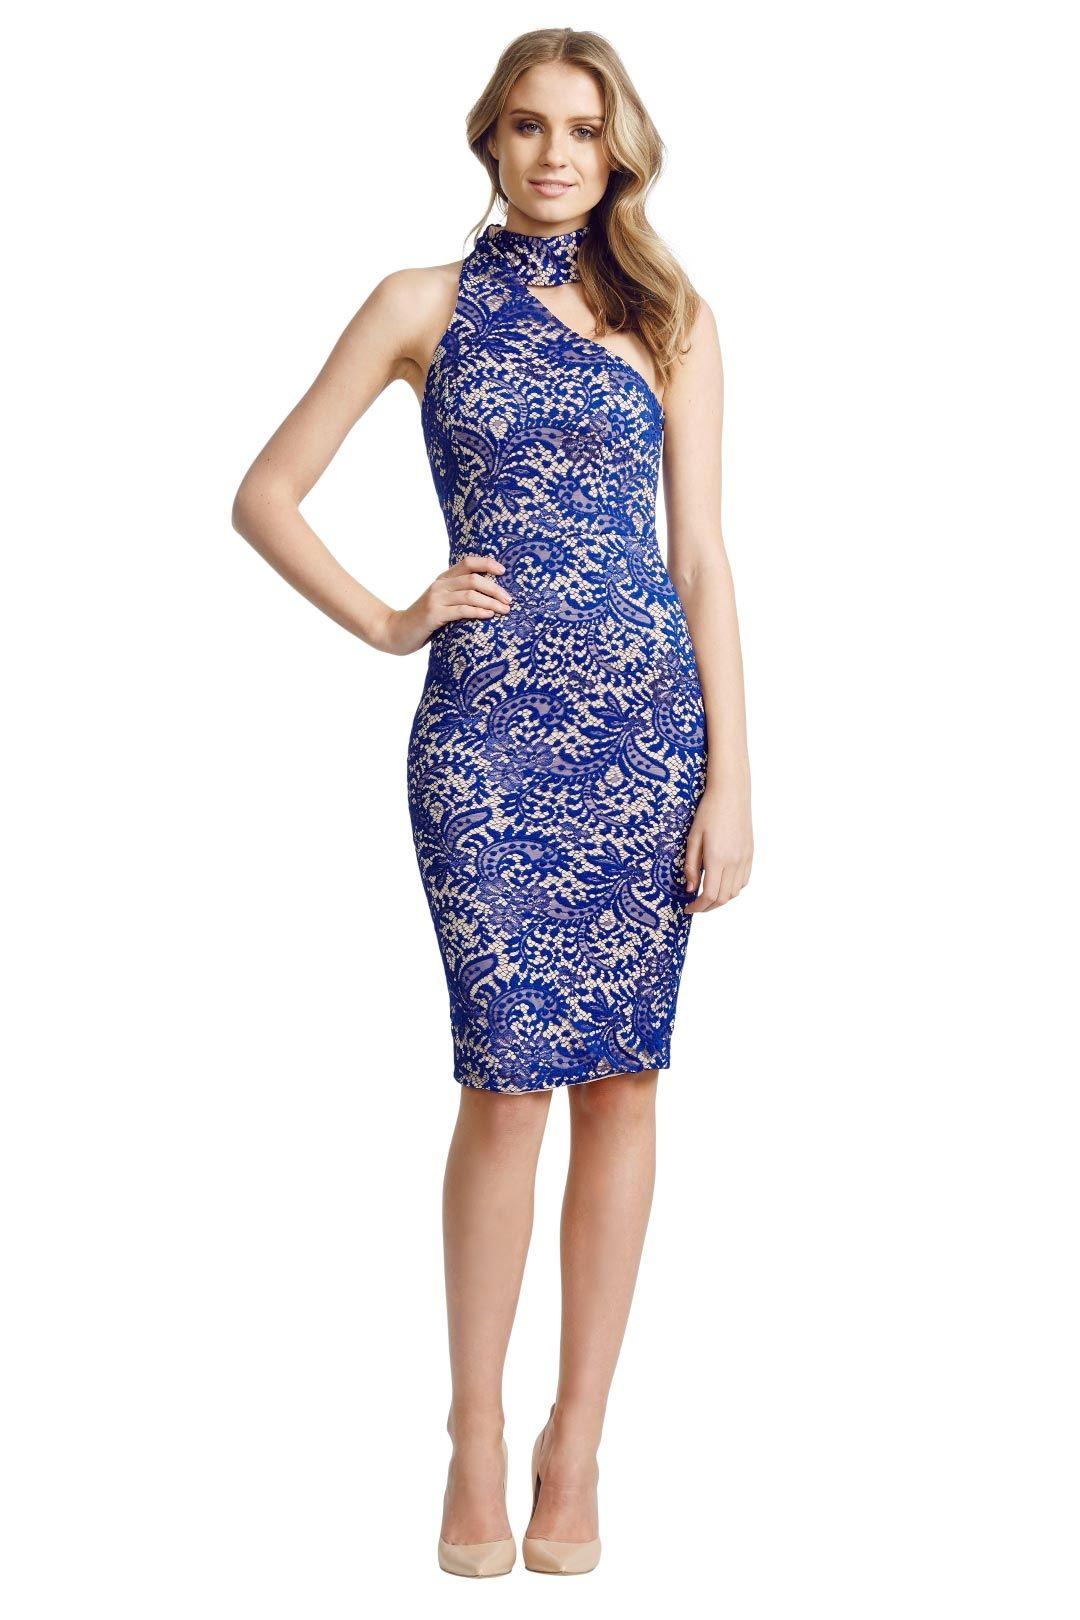 Elle Zeitoune - Harper Lace Dress - Blue - Front